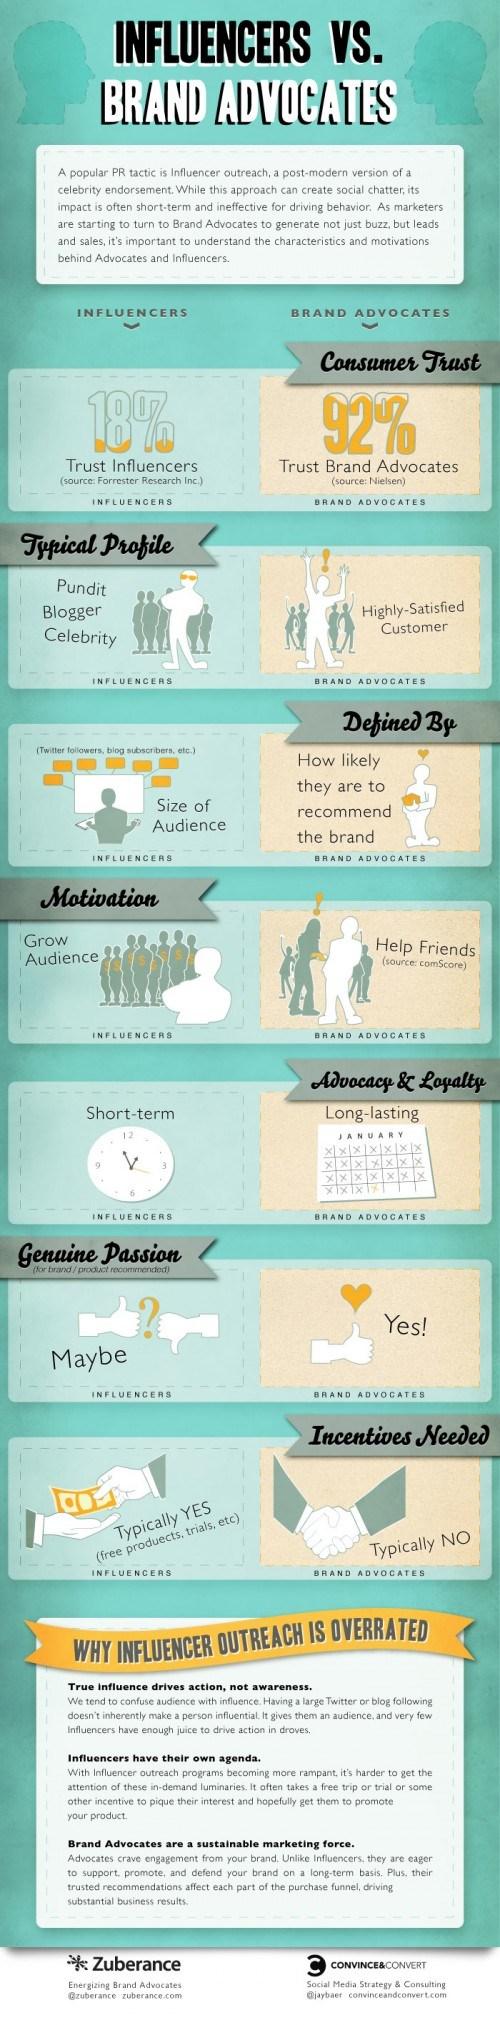 influenceurs-ambassadeurs-marque-infographie Quelle est la différence entre un influenceur et un ambassadeur ?